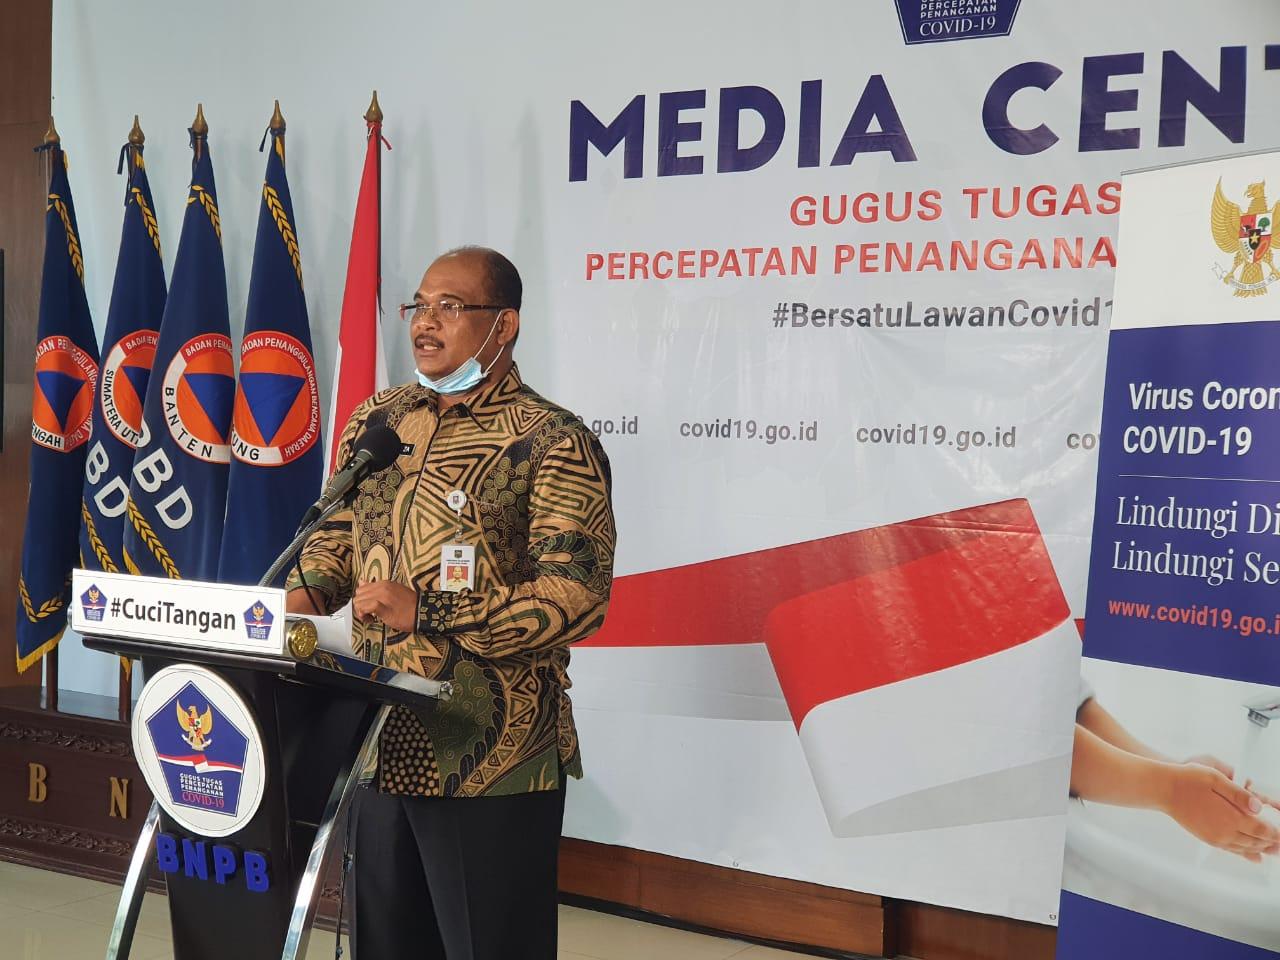 Evaluasi Pelaksanaan PPKM, Kemendagri Minta Bantuan TNI/Polri Dukung Satpol PP Tingkatkan Kedisiplinan Masyarakat